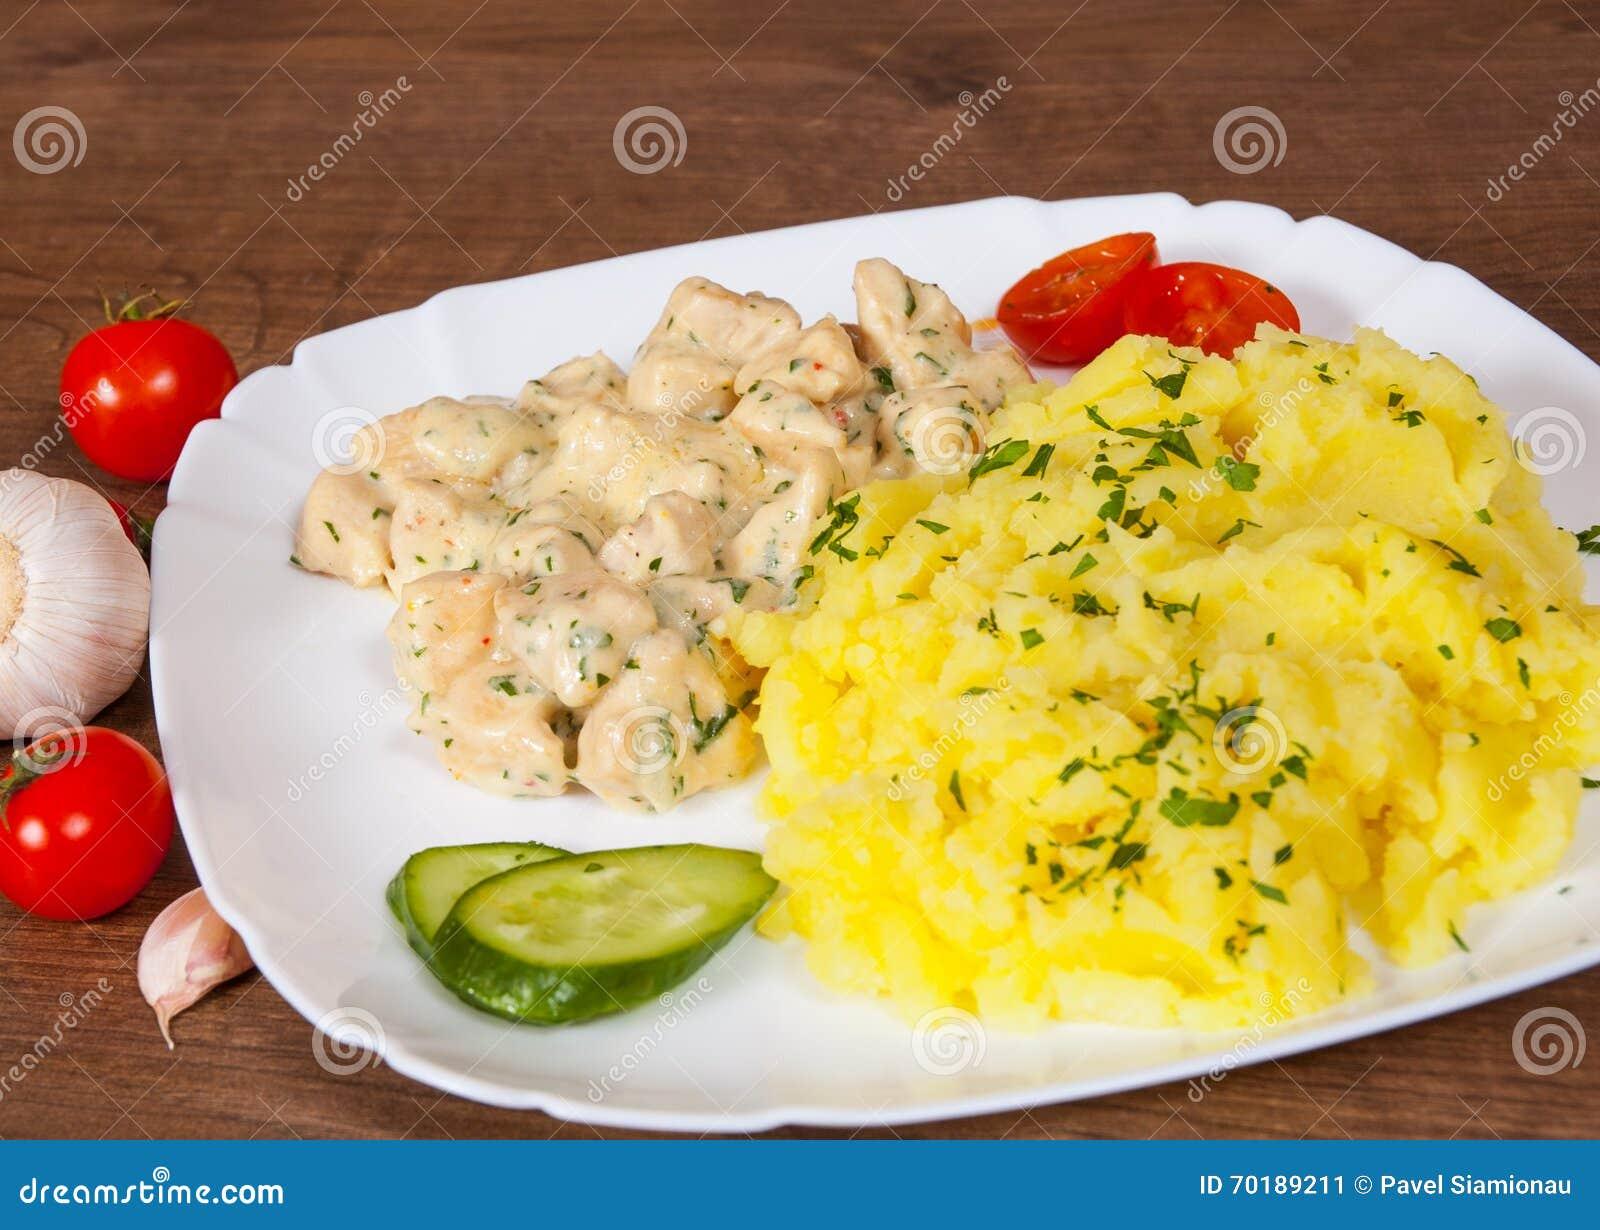 Fegt bröst i en krämig sås med mosade potatisar